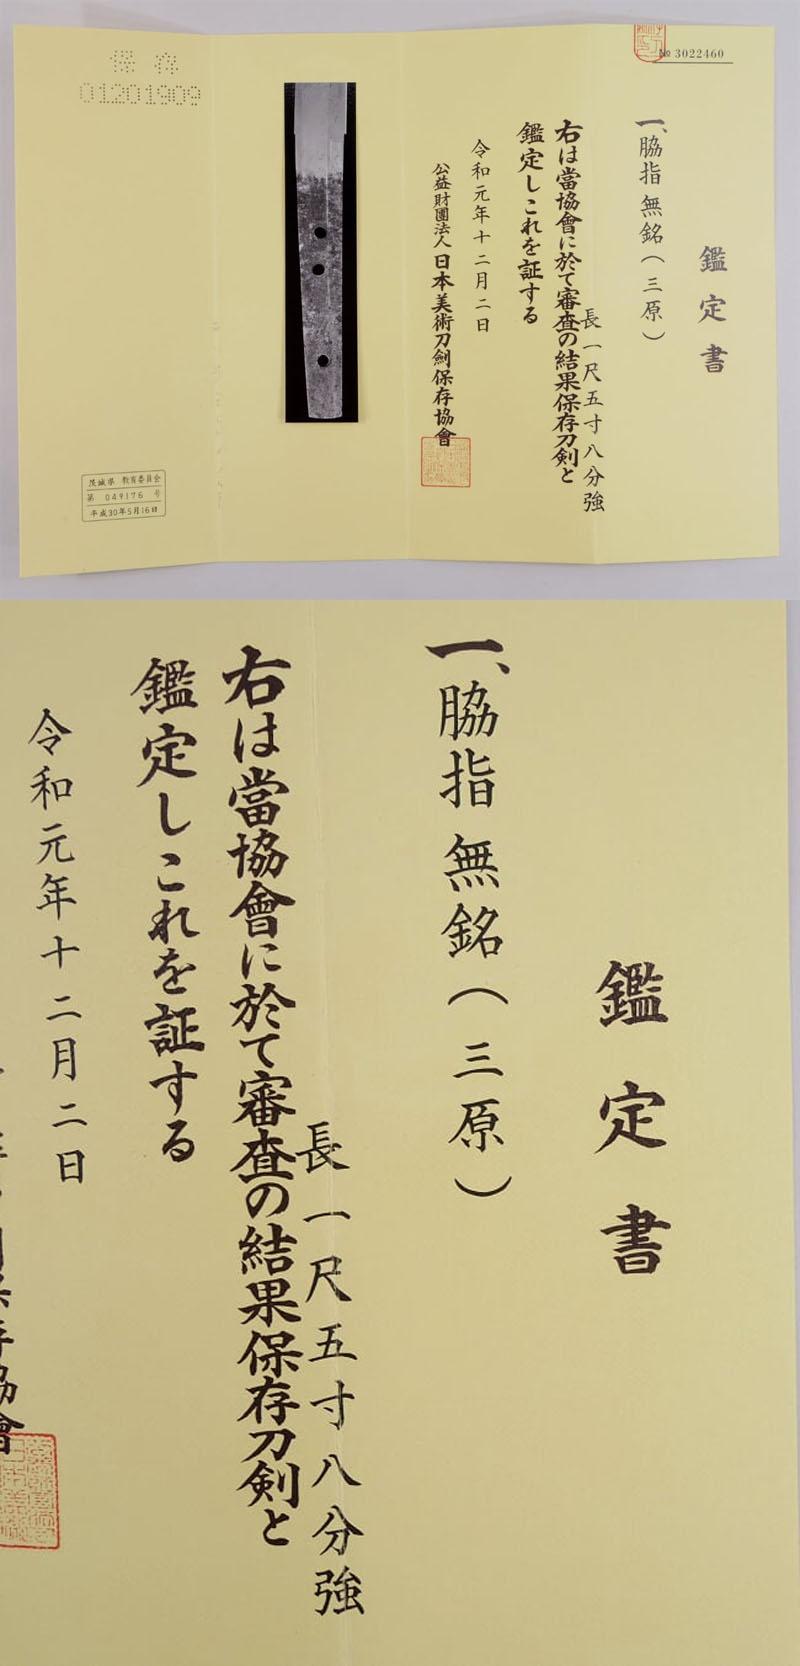 無銘(三原)(仕込杖風拵付き) Picture of Certificate